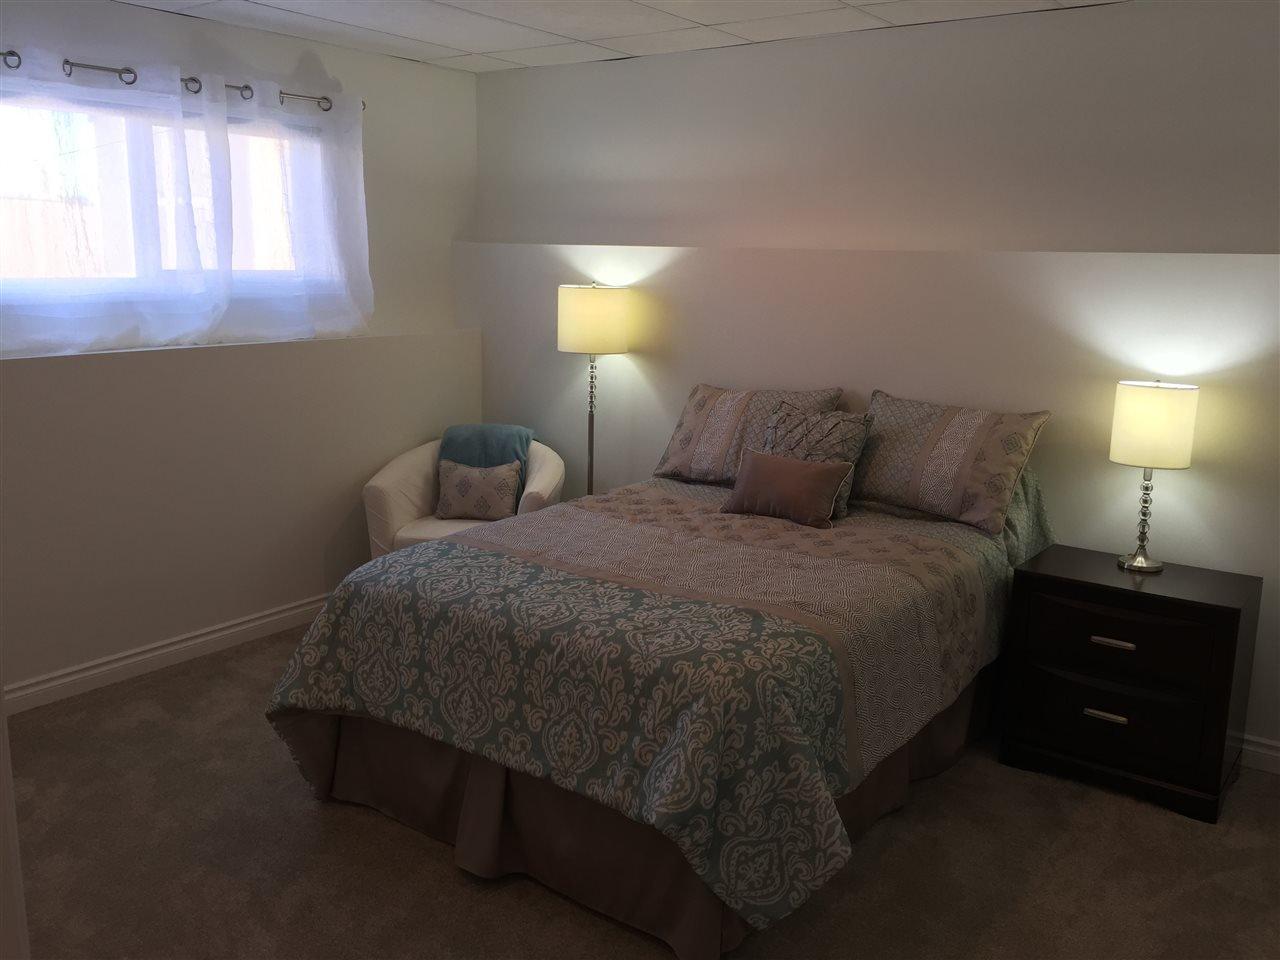 Photo 15: Photos: 11351 86A Street in Fort St. John: Fort St. John - City NE House for sale (Fort St. John (Zone 60))  : MLS®# R2147006